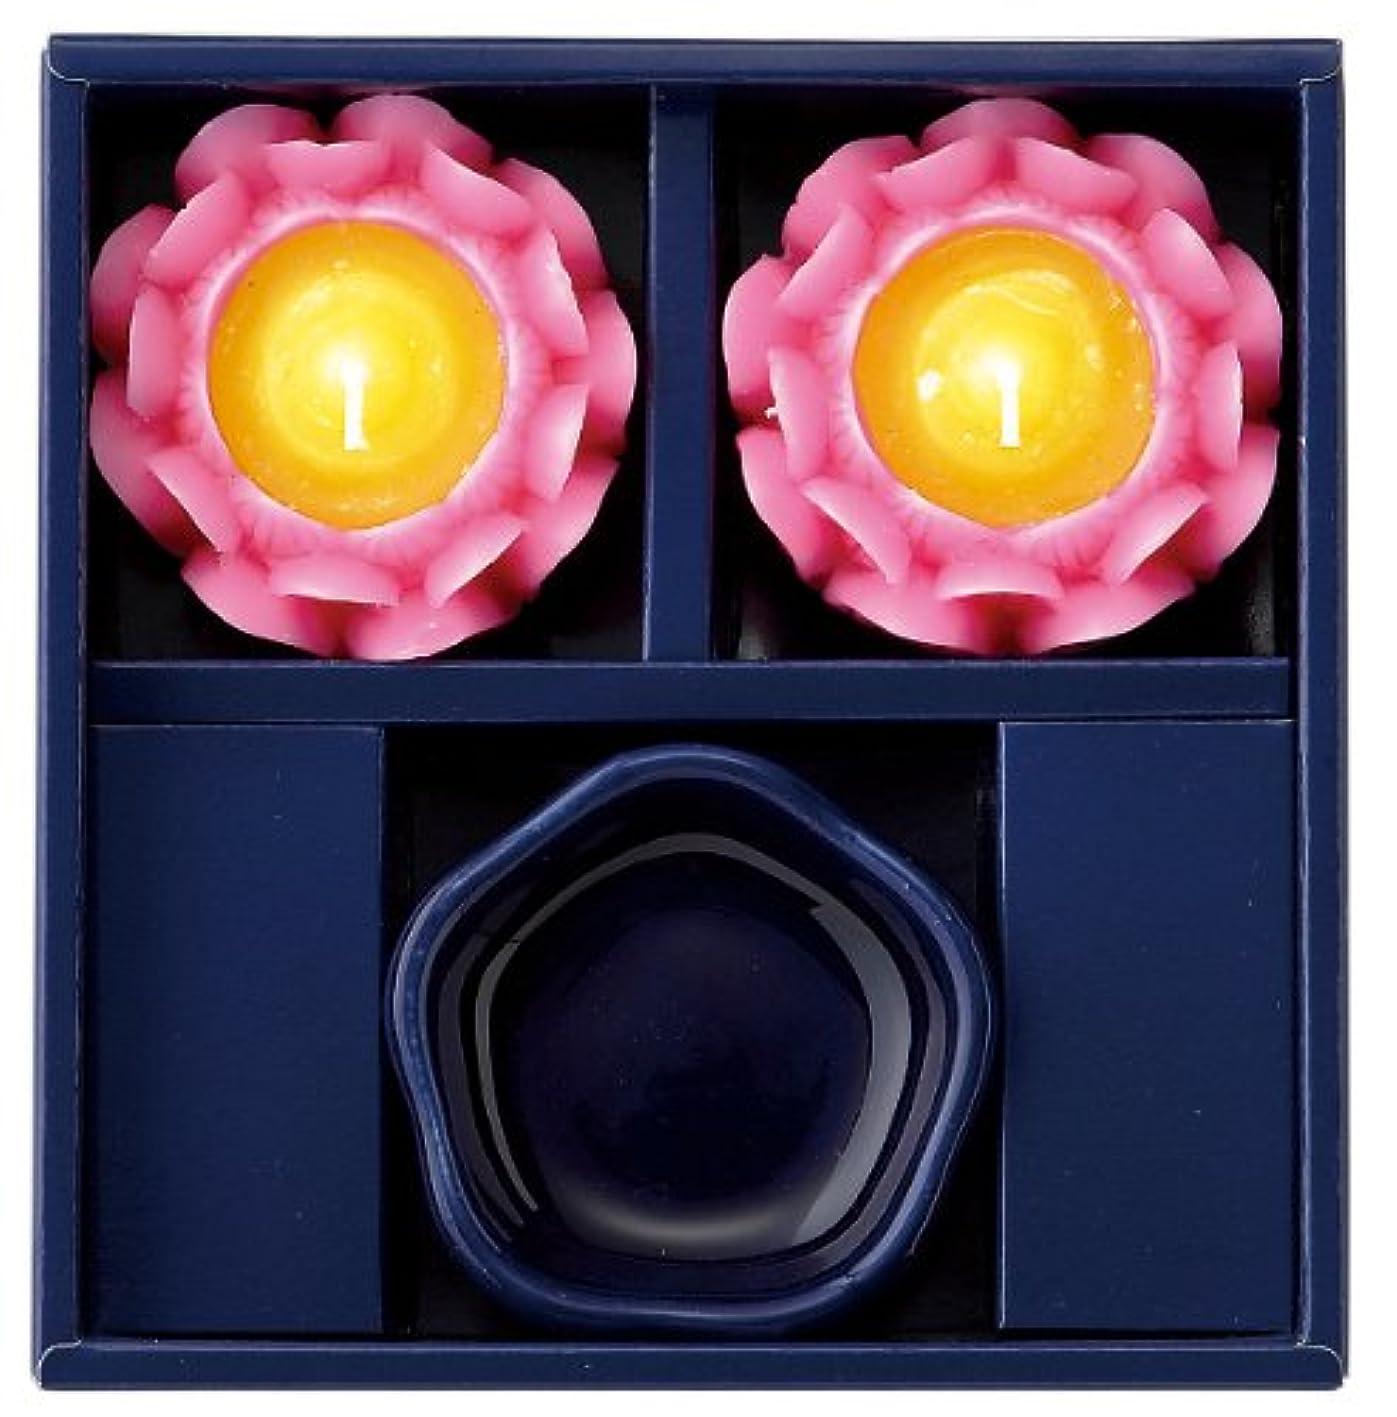 副詞リング伝説マルエス 蓮の花進物セット ピンク